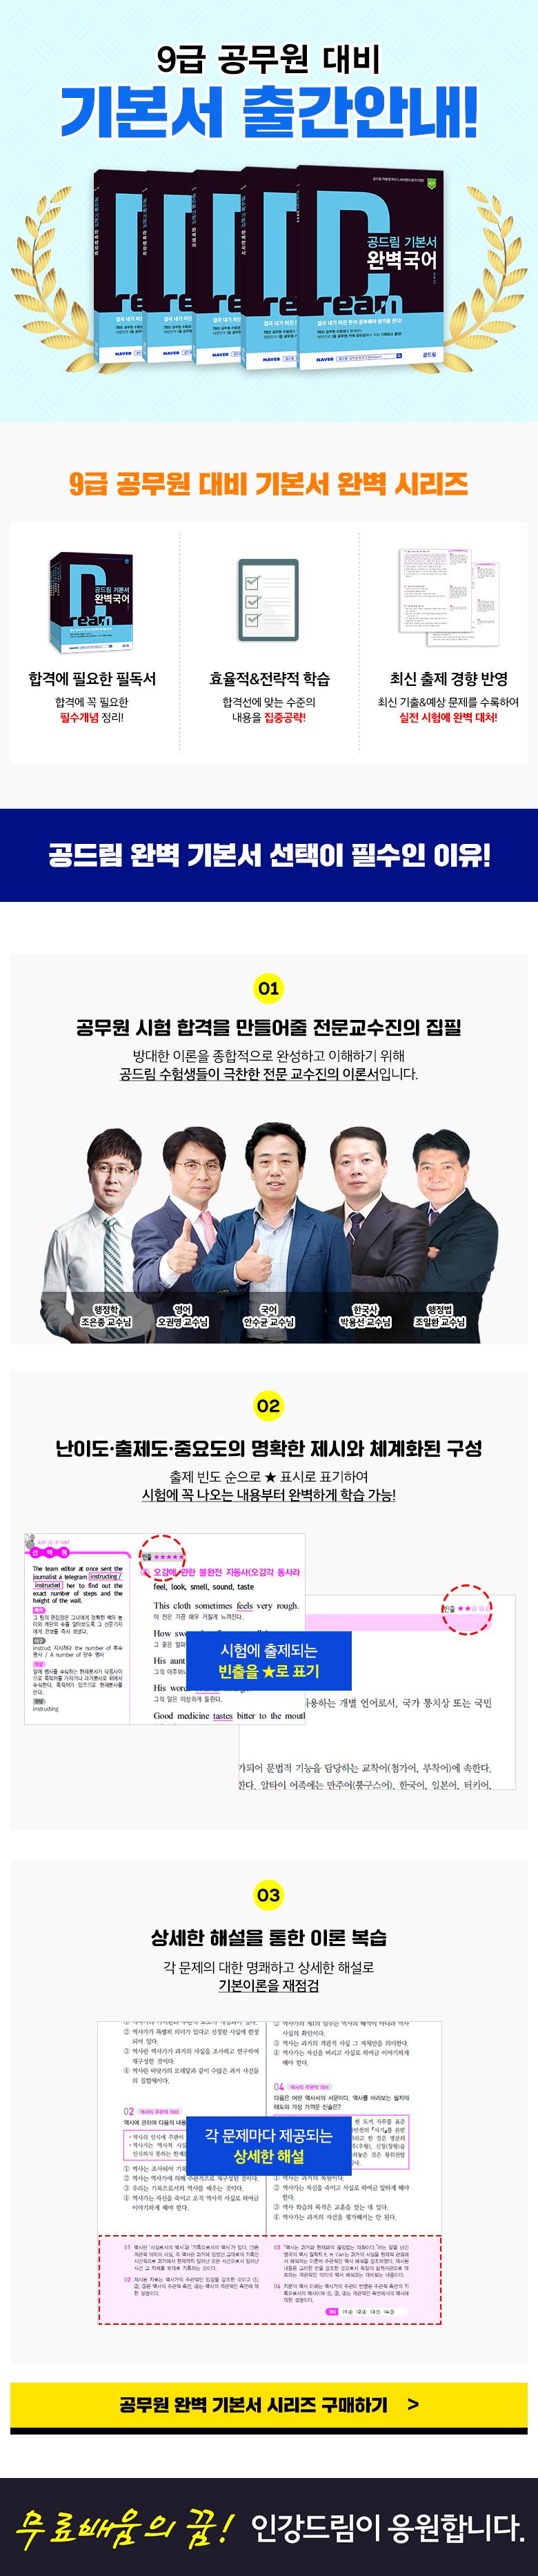 인강드림 공무원 기본서 출간 안내.png